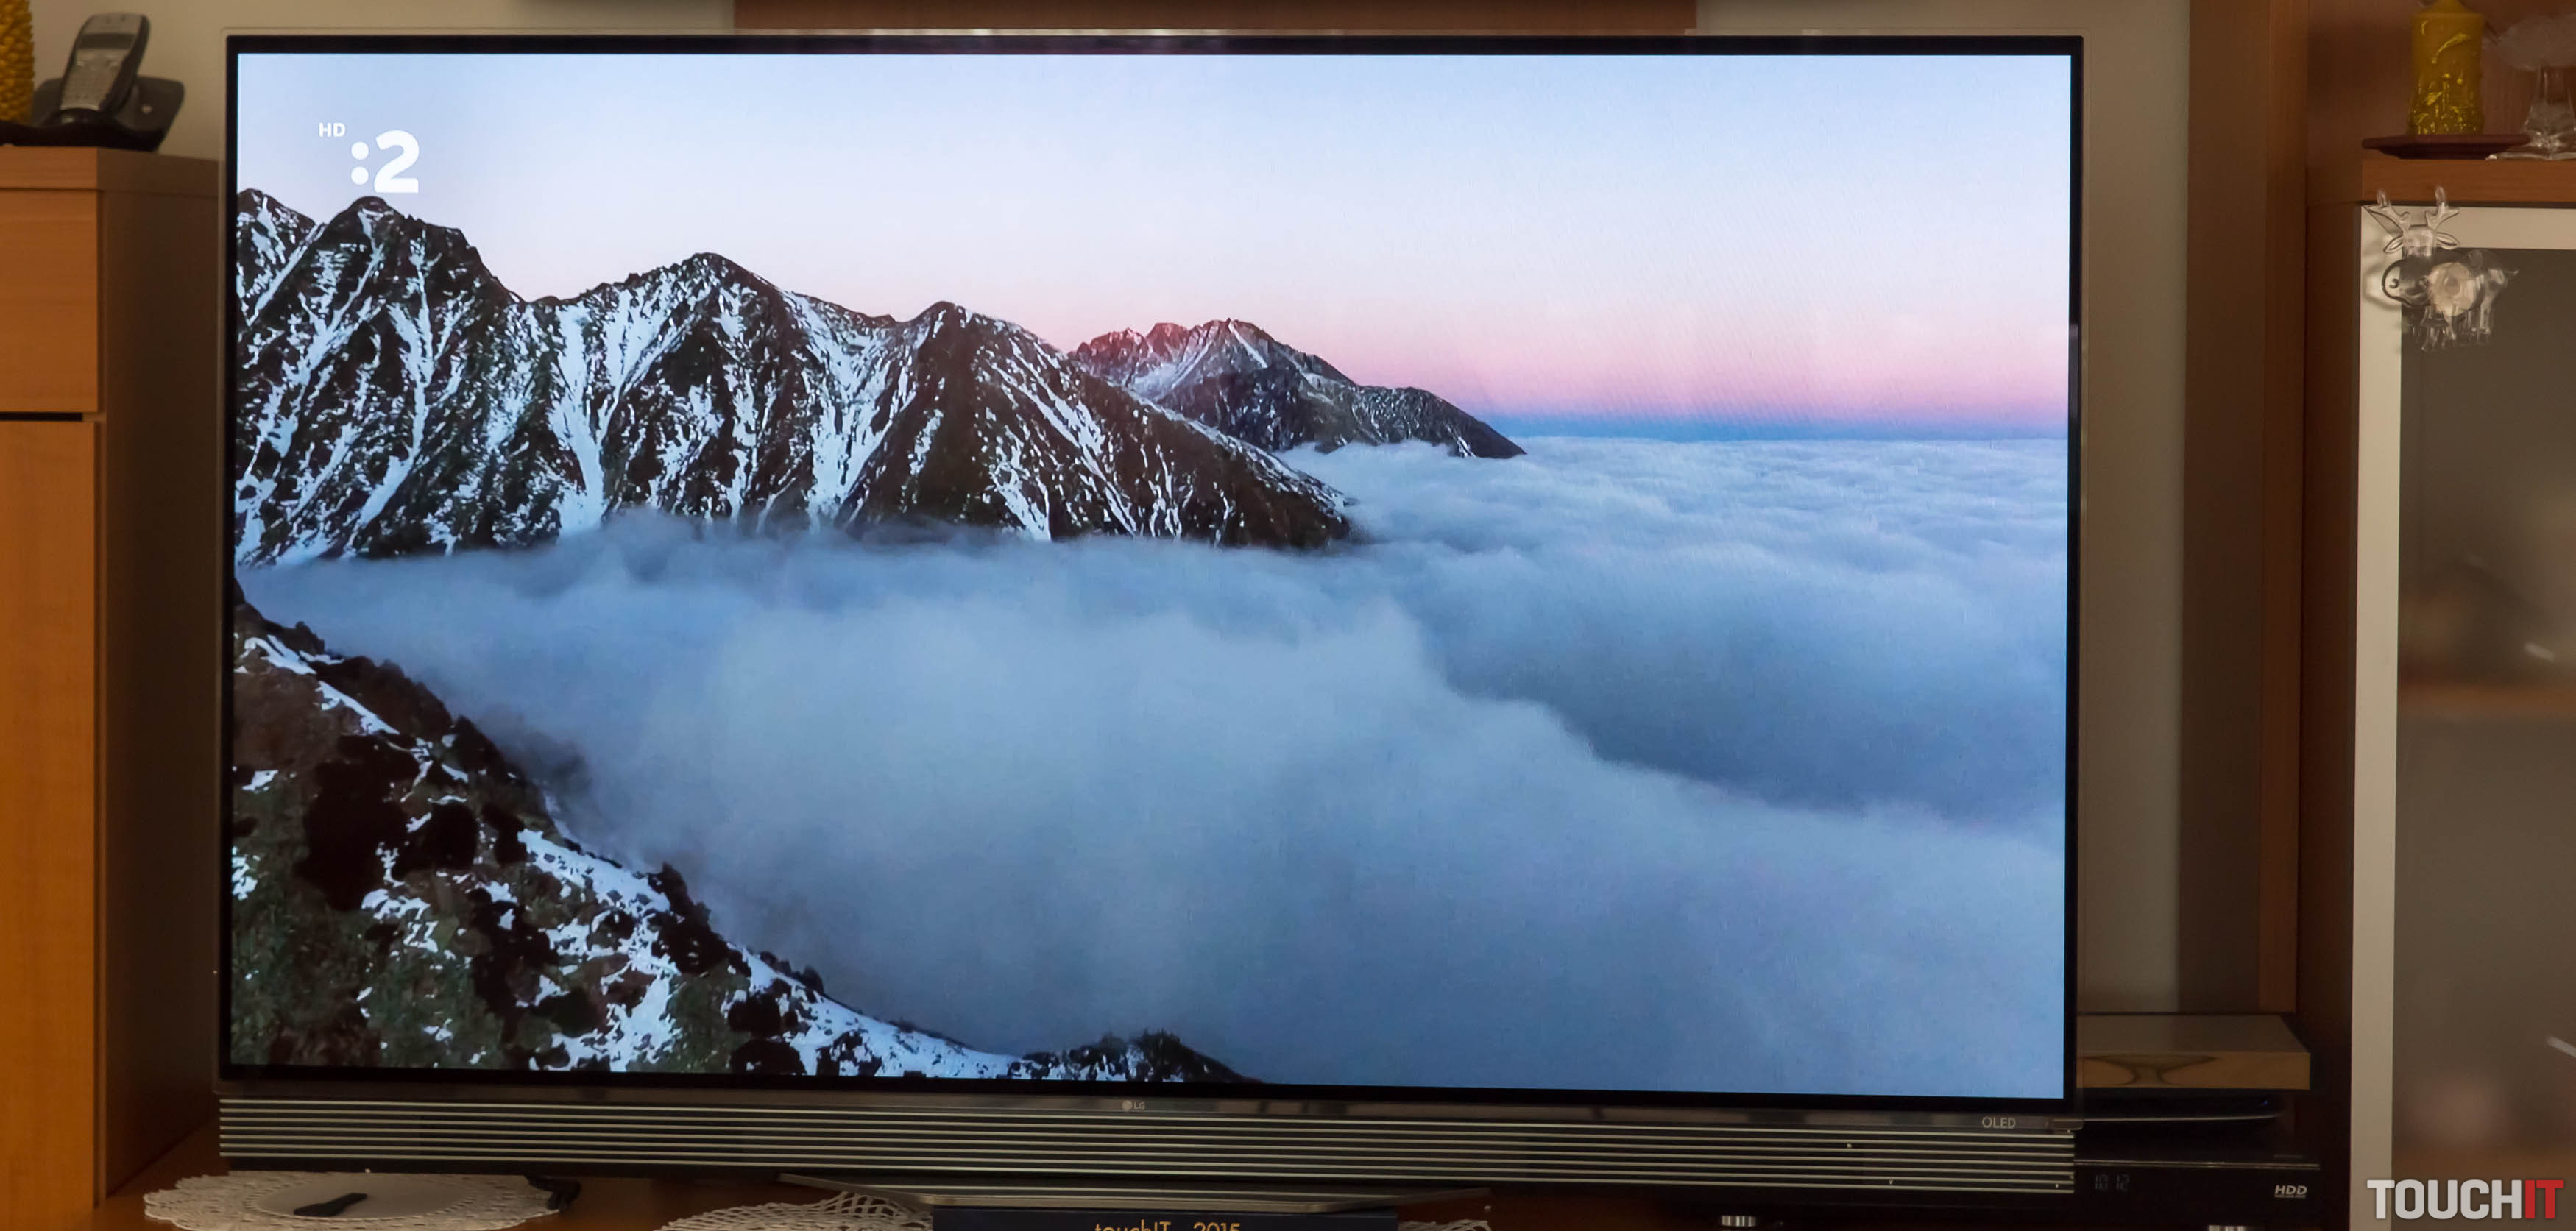 0fc81e307 Testovali sme OLED televízor – LG OLED55EV6 | TOUCHIT